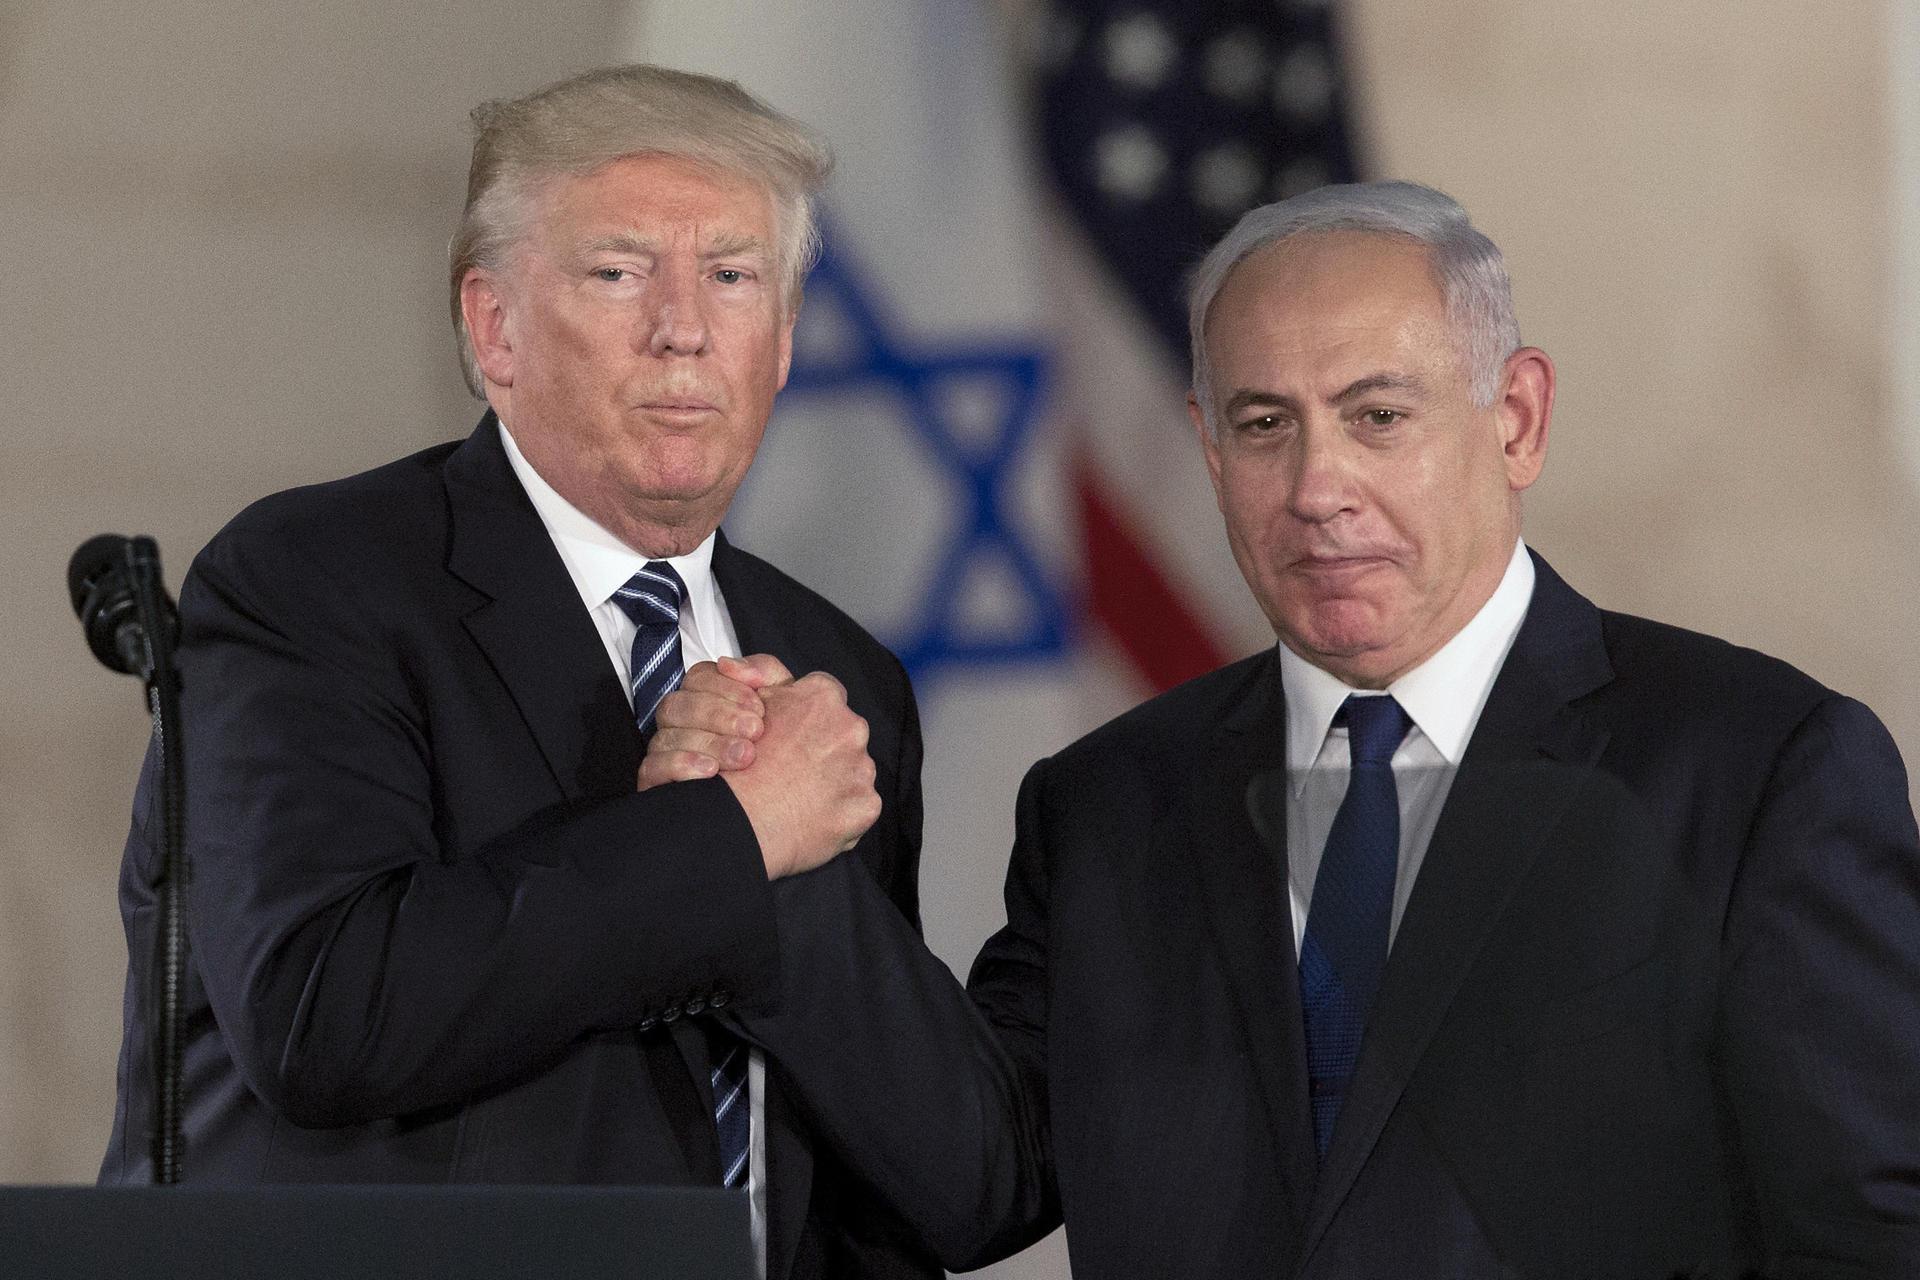 سکوت در برابر این نقض مقررات بین المللی توسط اسرائیل و آمریکا گستاخ تر می کند